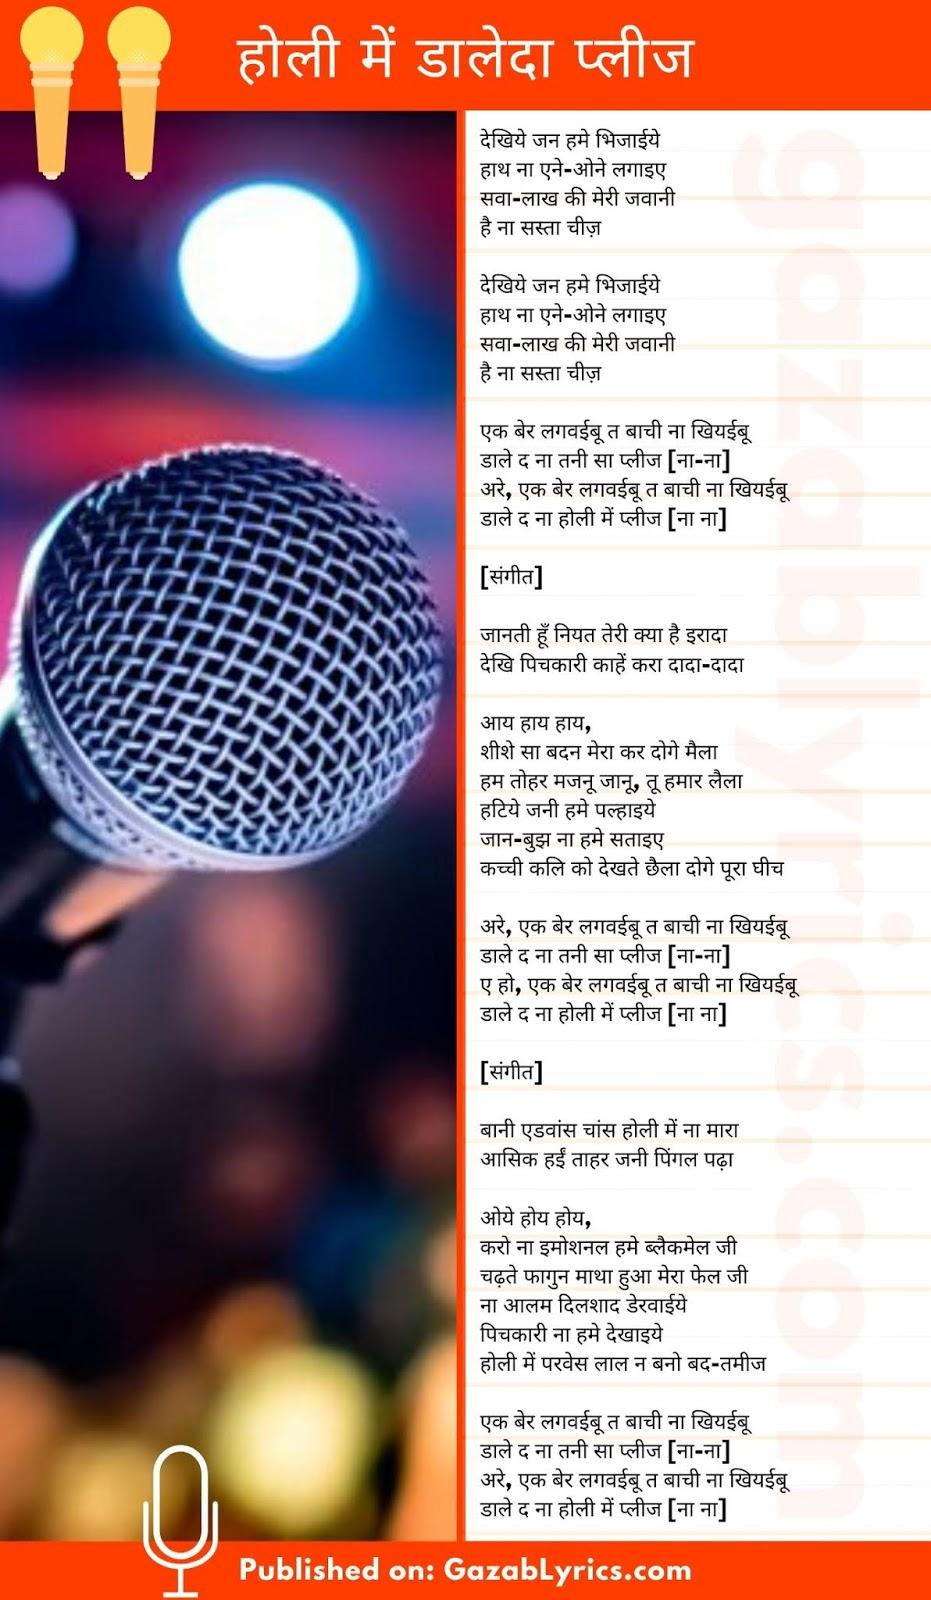 Holi Mein Daleda Please song lyrics image